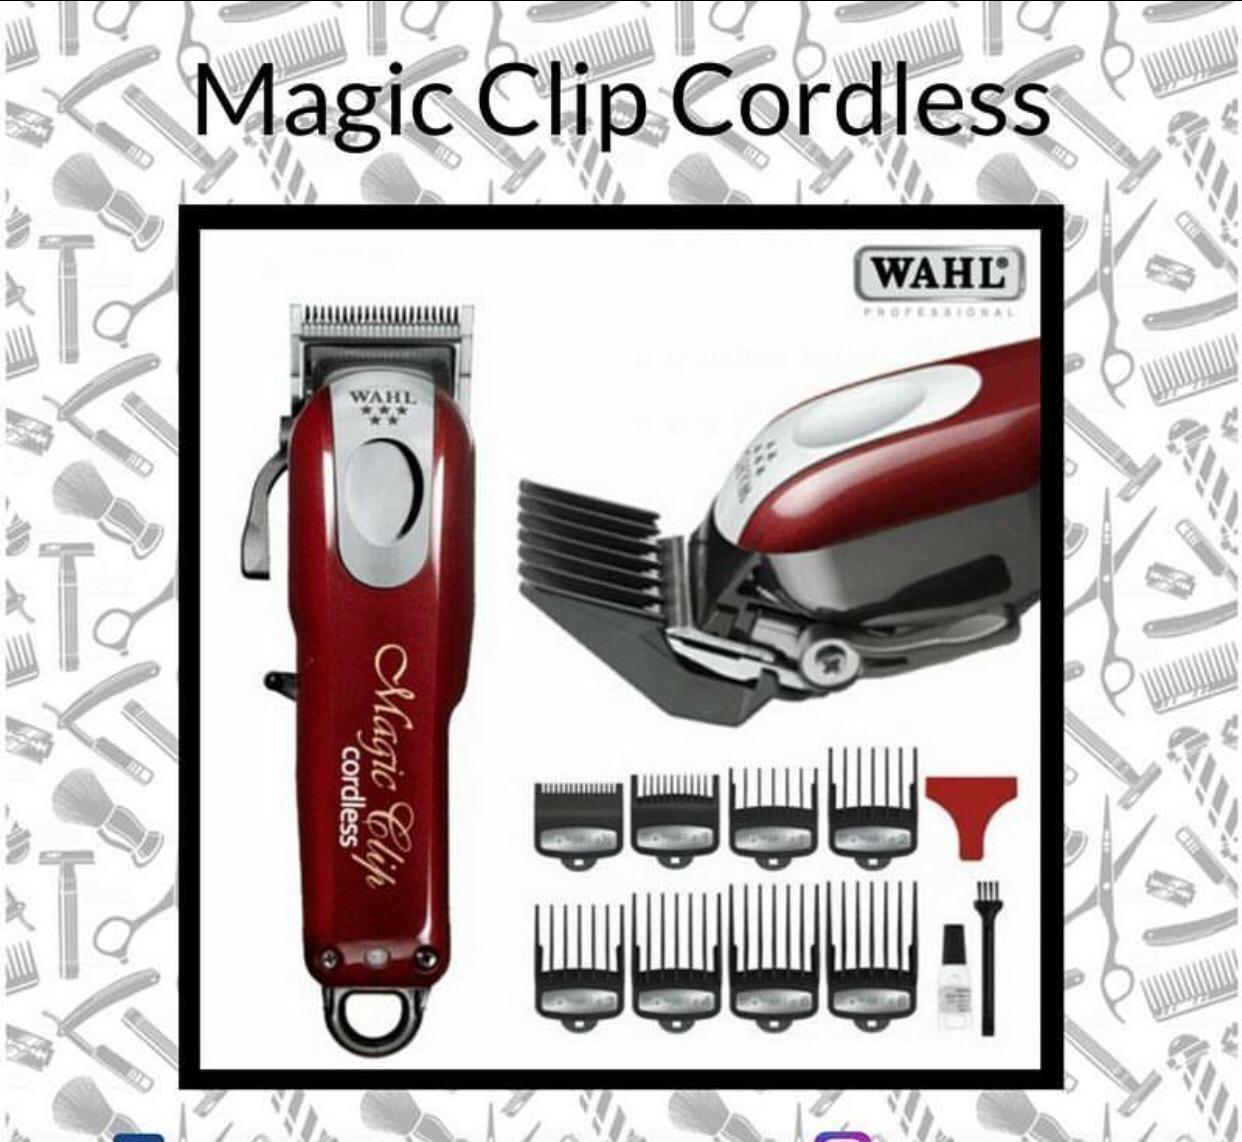 6bf53ecaf MAGIC CLIP MÁQUINA DE CORTAR CABELO SEM FIO WAHL MAGIC CLIP CORDLESS ...